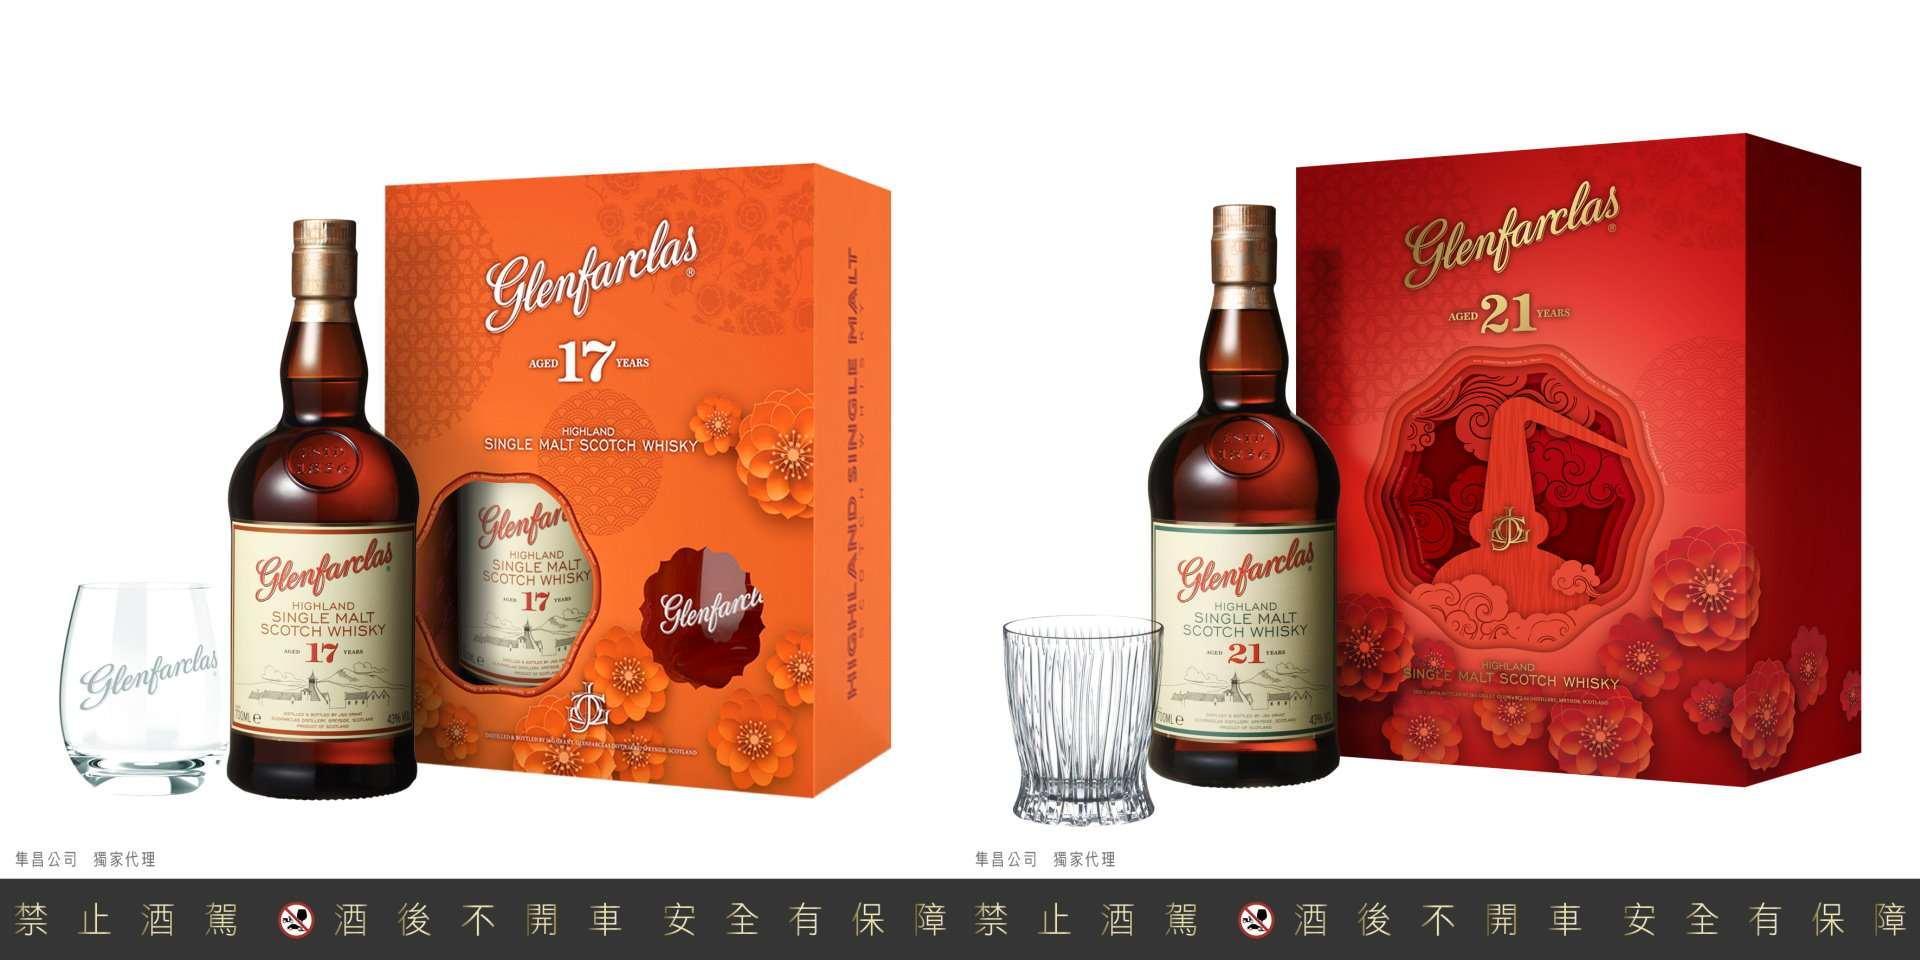 《雪莉工藝、六代祖傳》致敬新年時刻:Glenfarclas格蘭花格17年及21年單一麥芽蘇格蘭威士忌新年限量禮盒